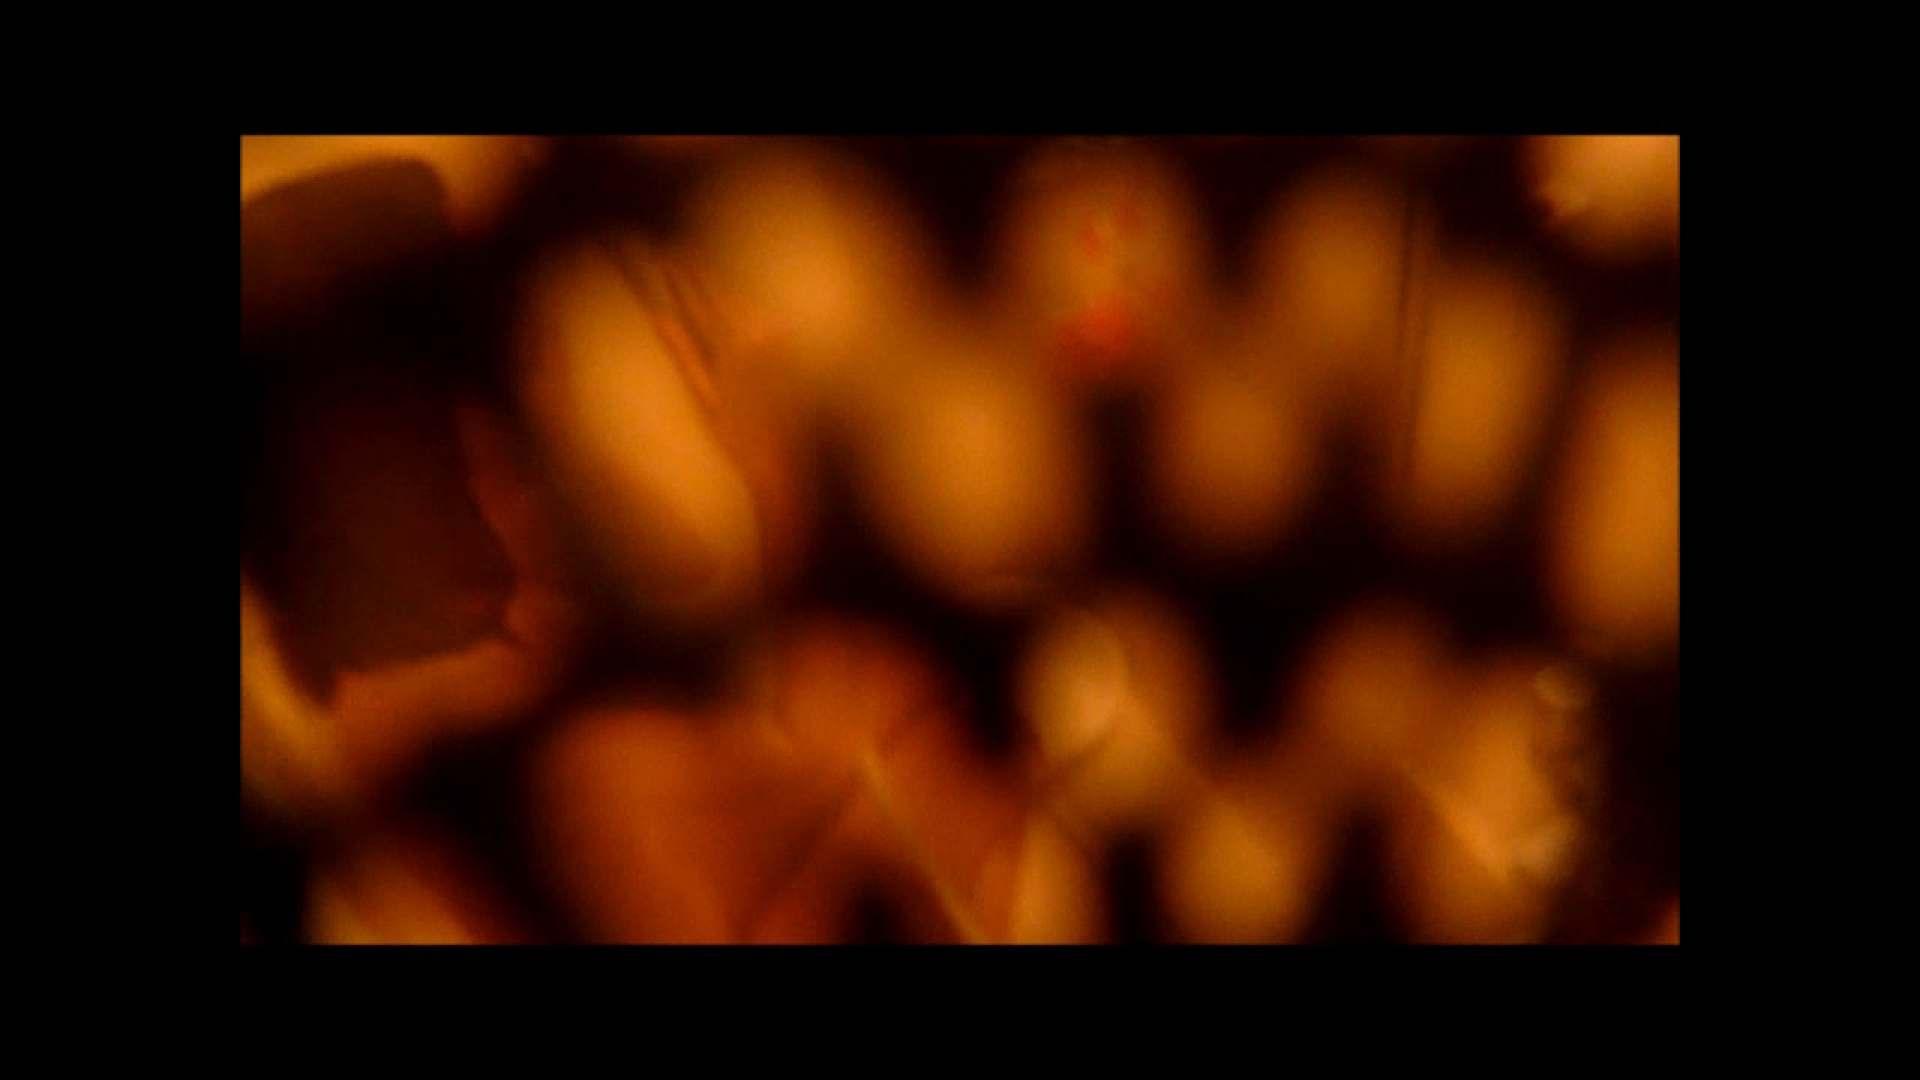 【02】ベランダに侵入して張り込みを始めて・・・やっと結果が出ました。 家宅侵入  107pic 74